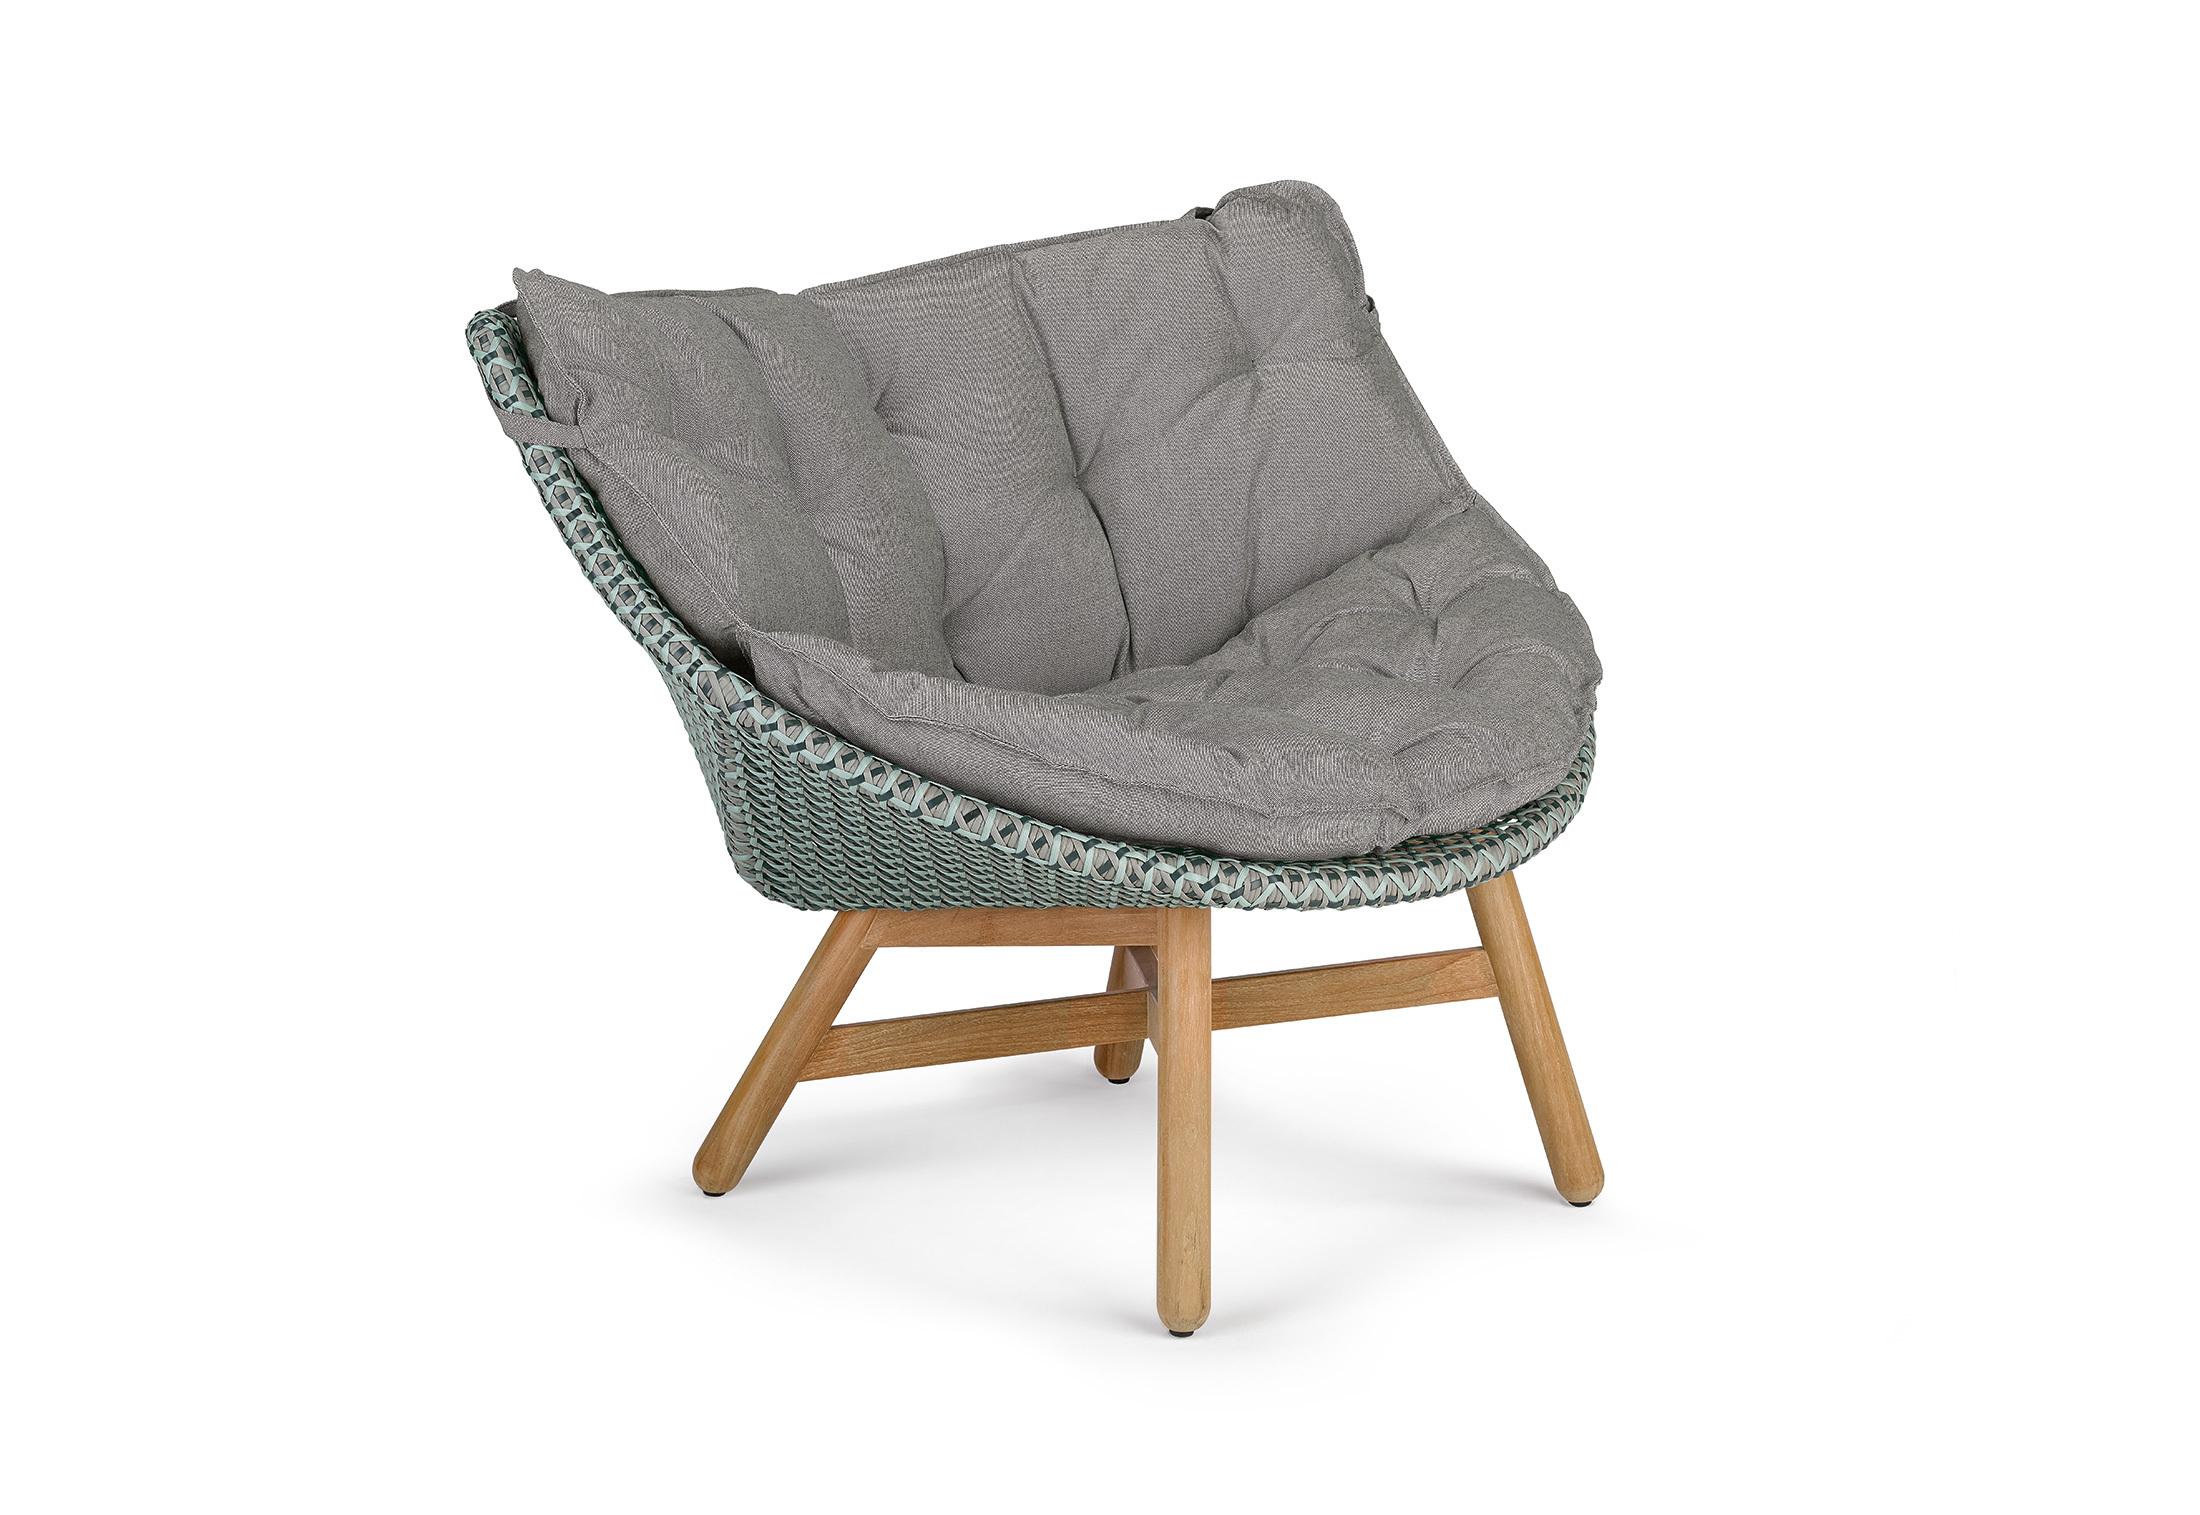 Fantastic Mbrace Lounge Chair By Dedon Stylepark Short Links Chair Design For Home Short Linksinfo